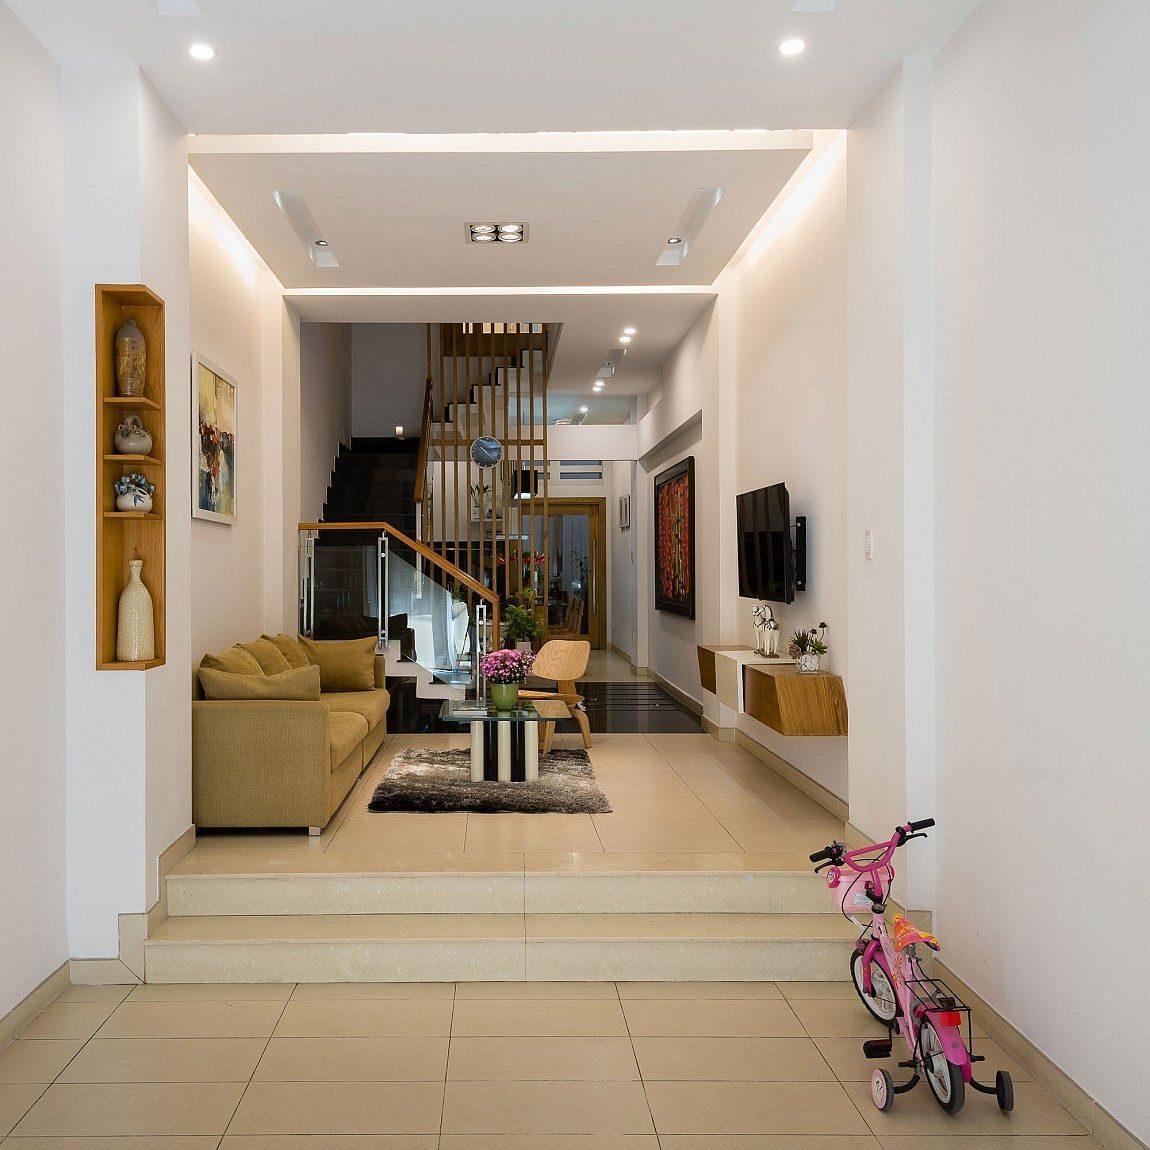 Description: Lower level living area of the modern home in Vietnam Nhà phố Sài Gòn với thiết kế giải quyết vấn đề về diện tích qpdesign